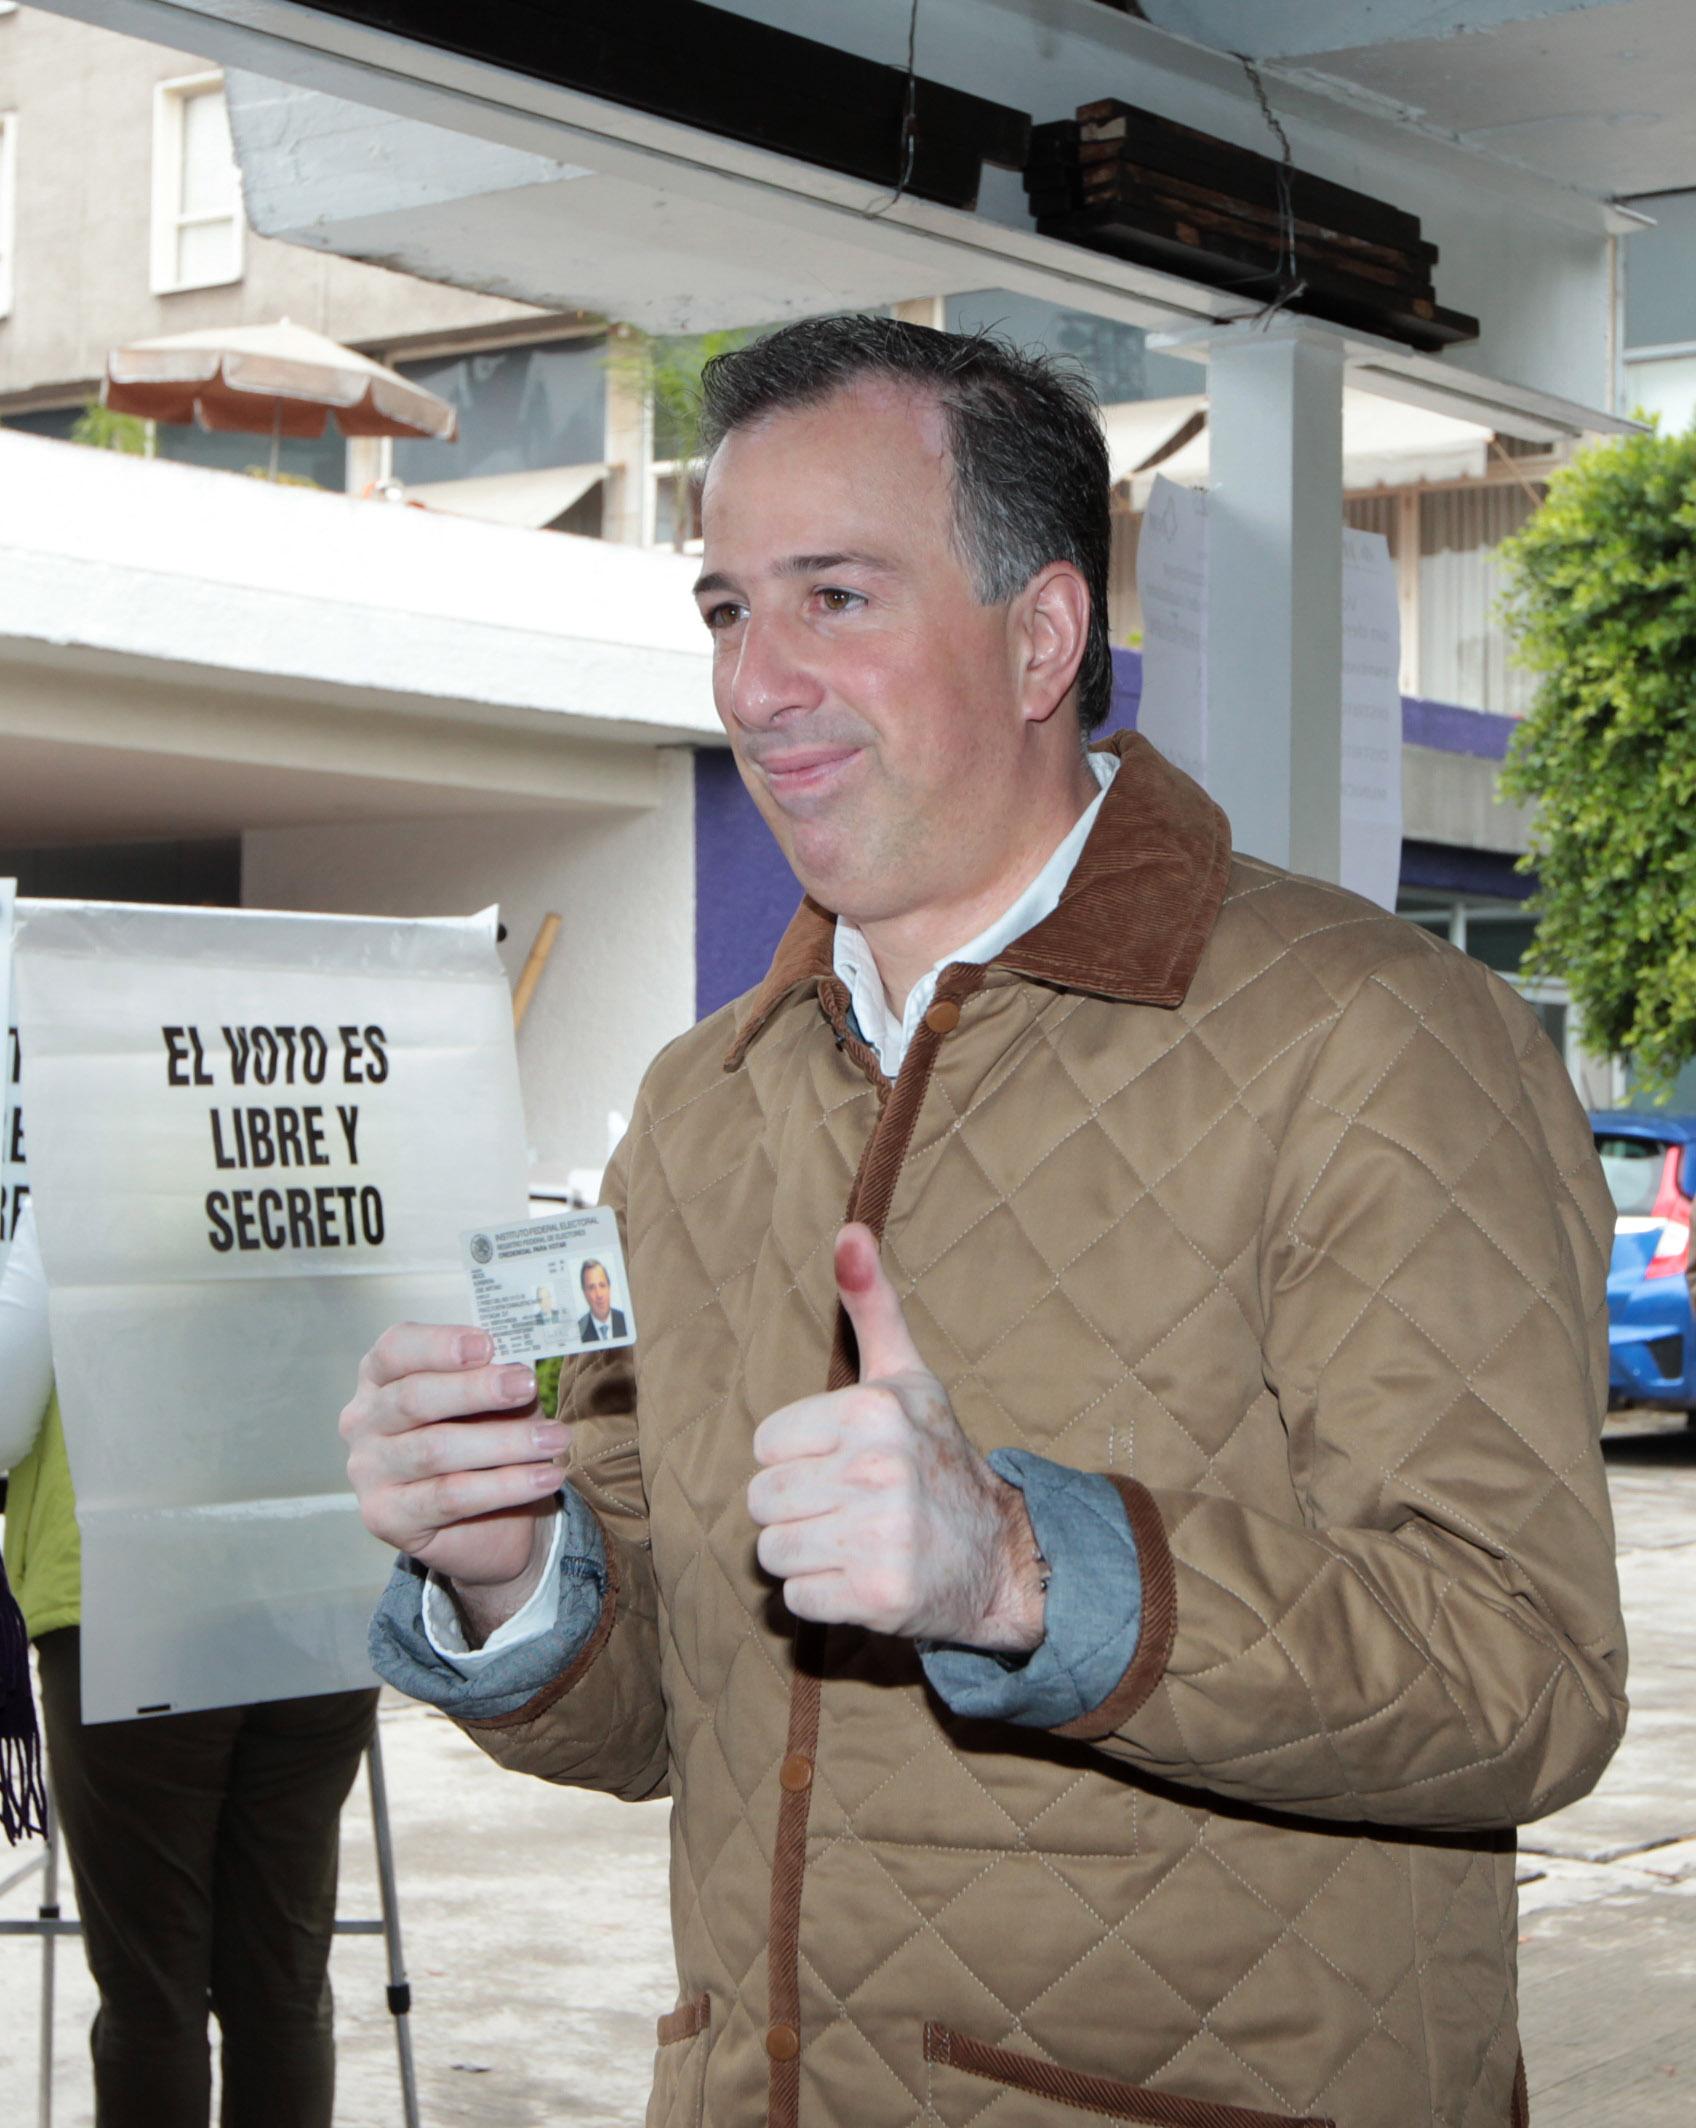 FOTO 4 Canciller Jos  Antonio M ade acudi  a votar este 7 de juniojpg